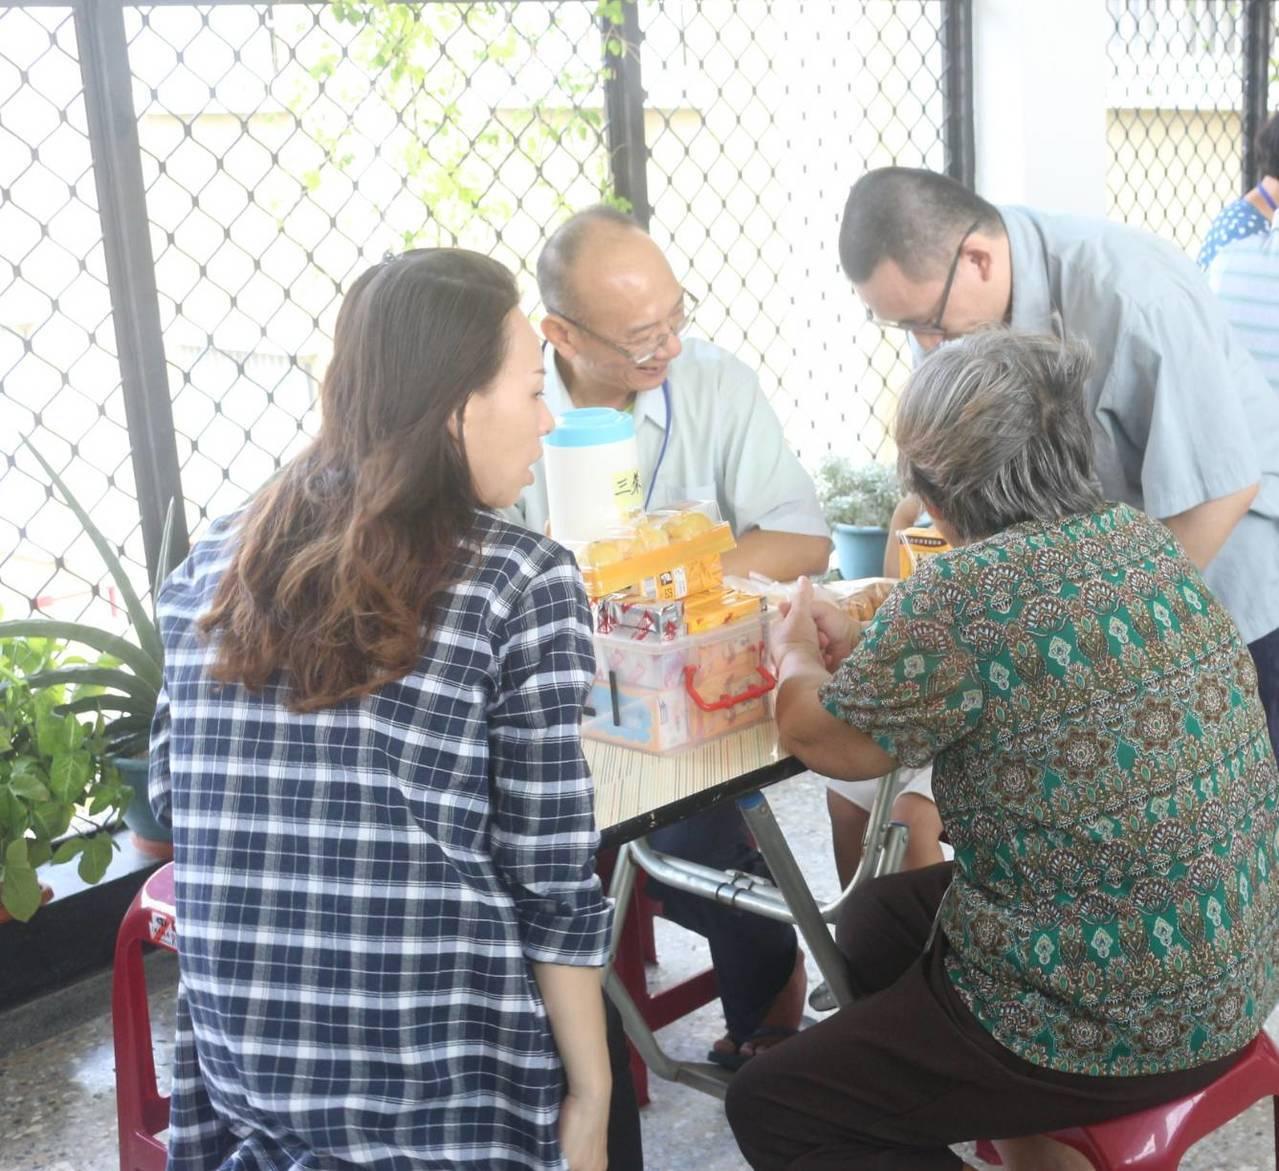 謝志宏(右站立著)與家屬會面。記者綦守鈺/翻攝